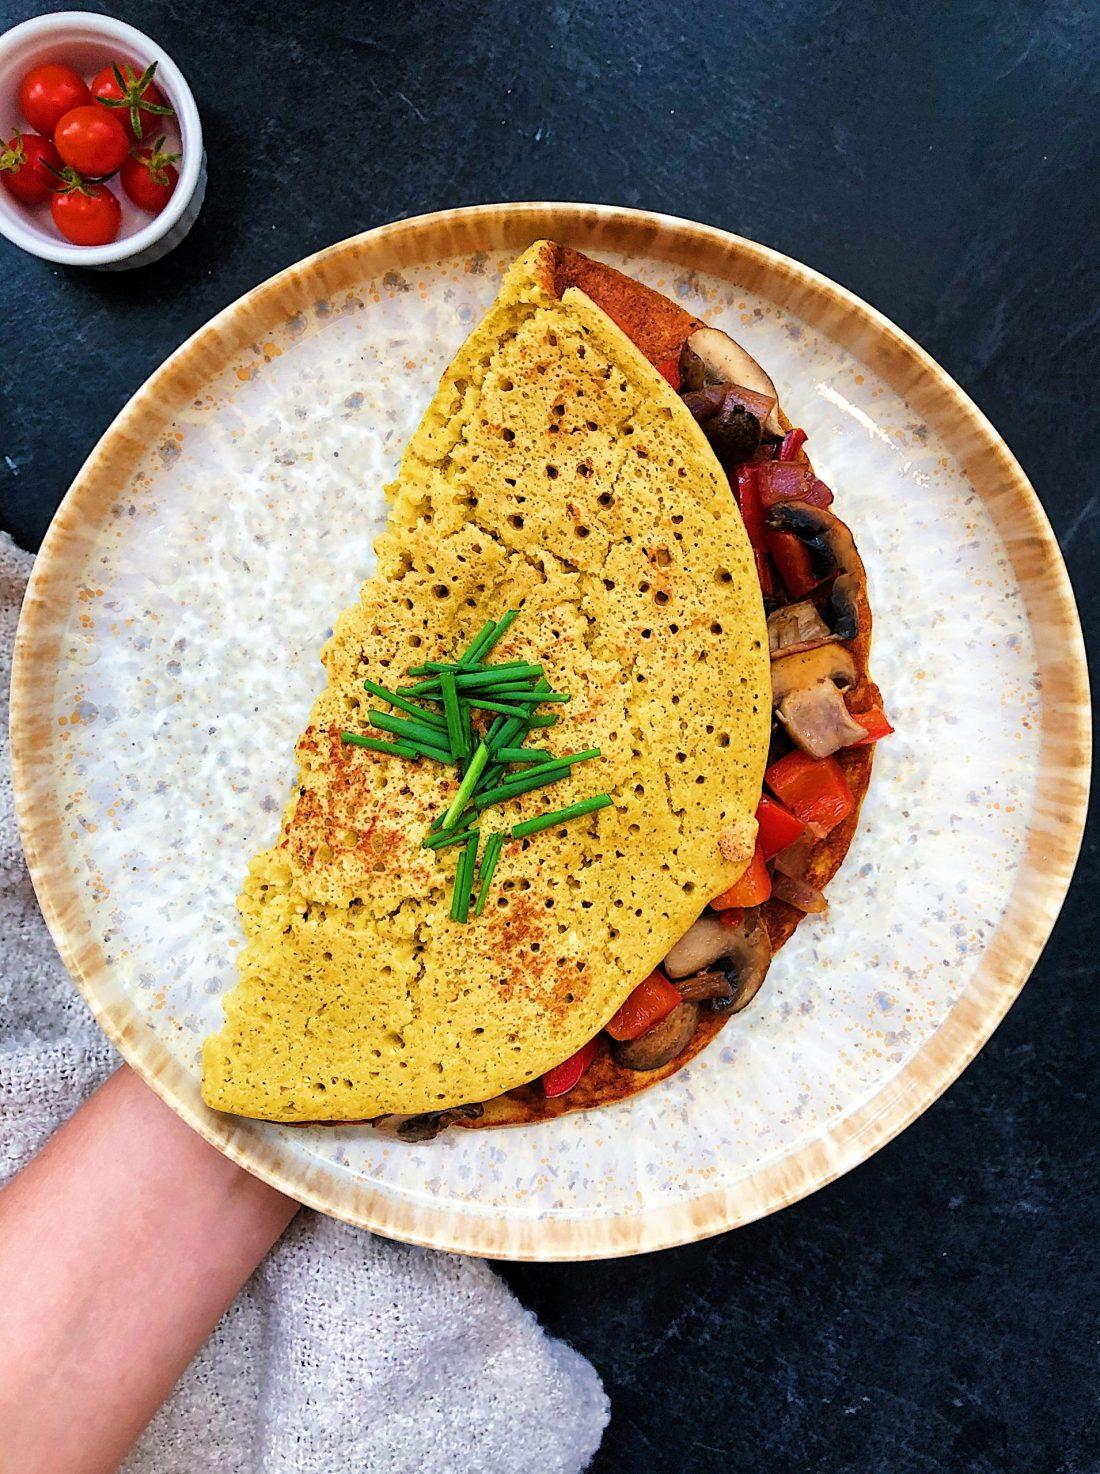 Vegan egg chickpea omelette